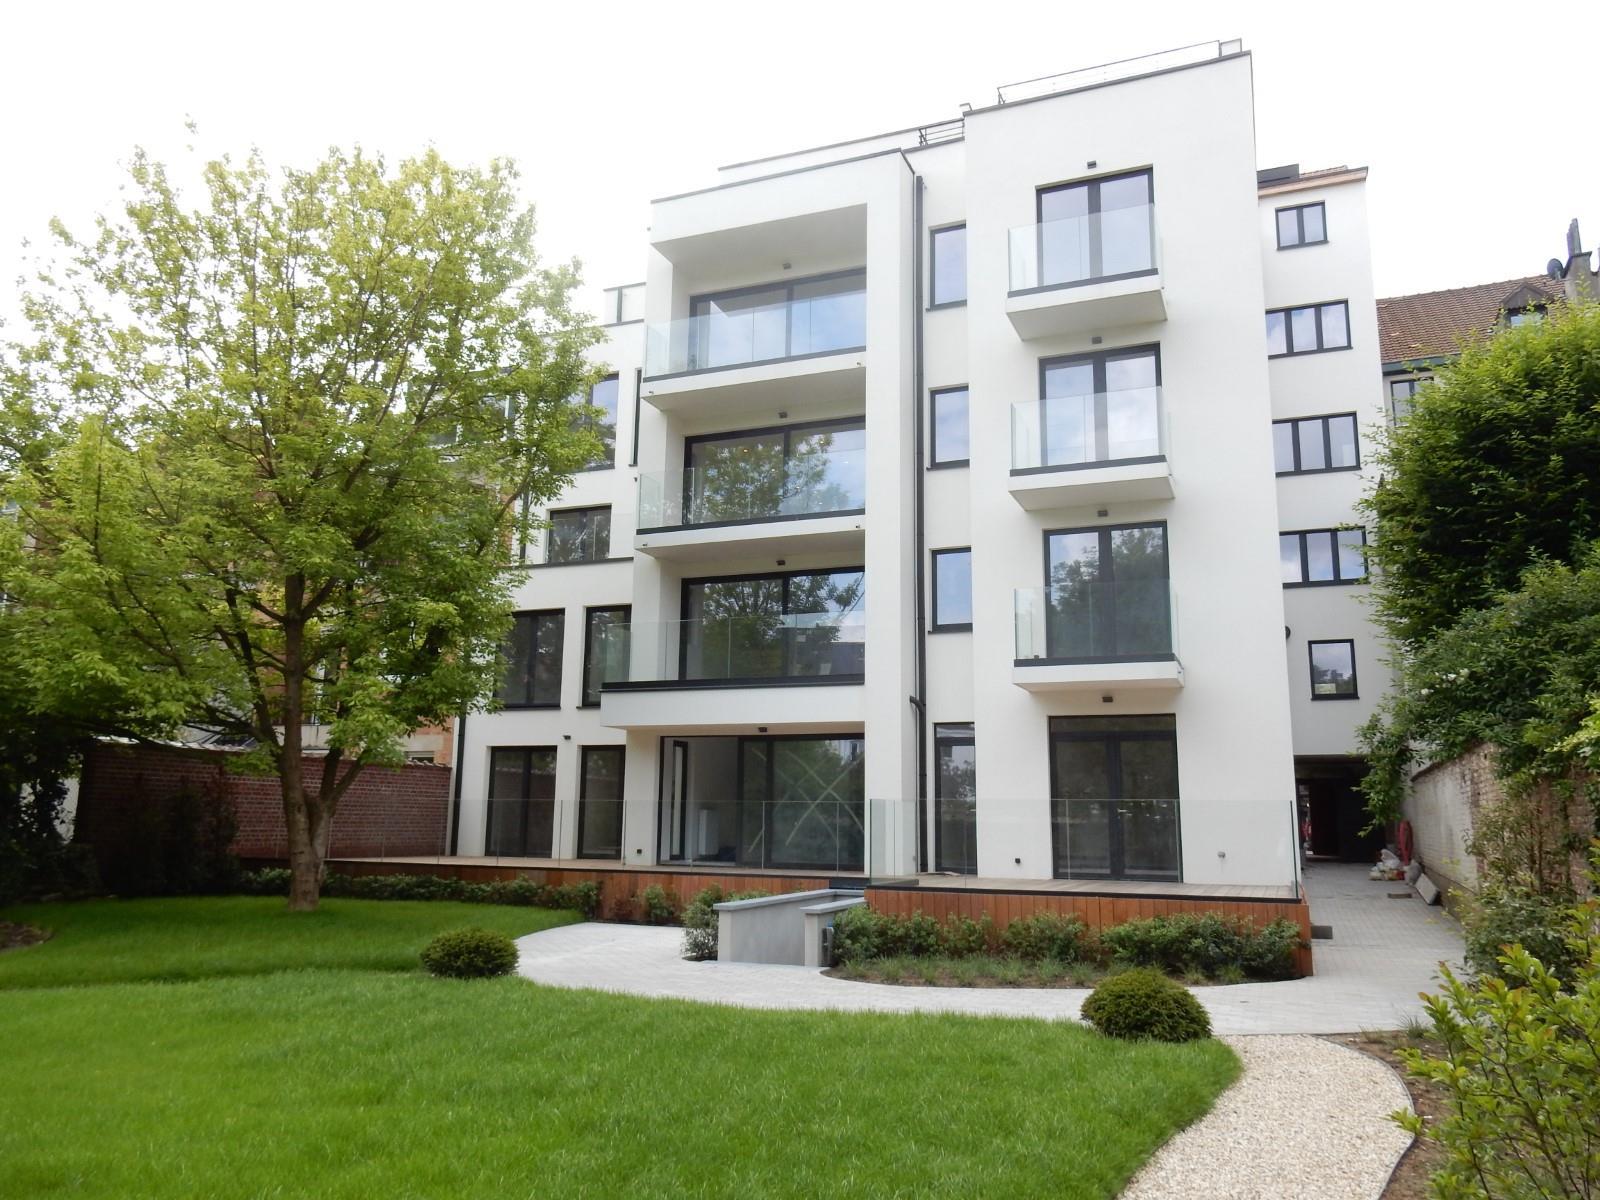 Appartement exceptionnel - Ixelles - #4392467-16